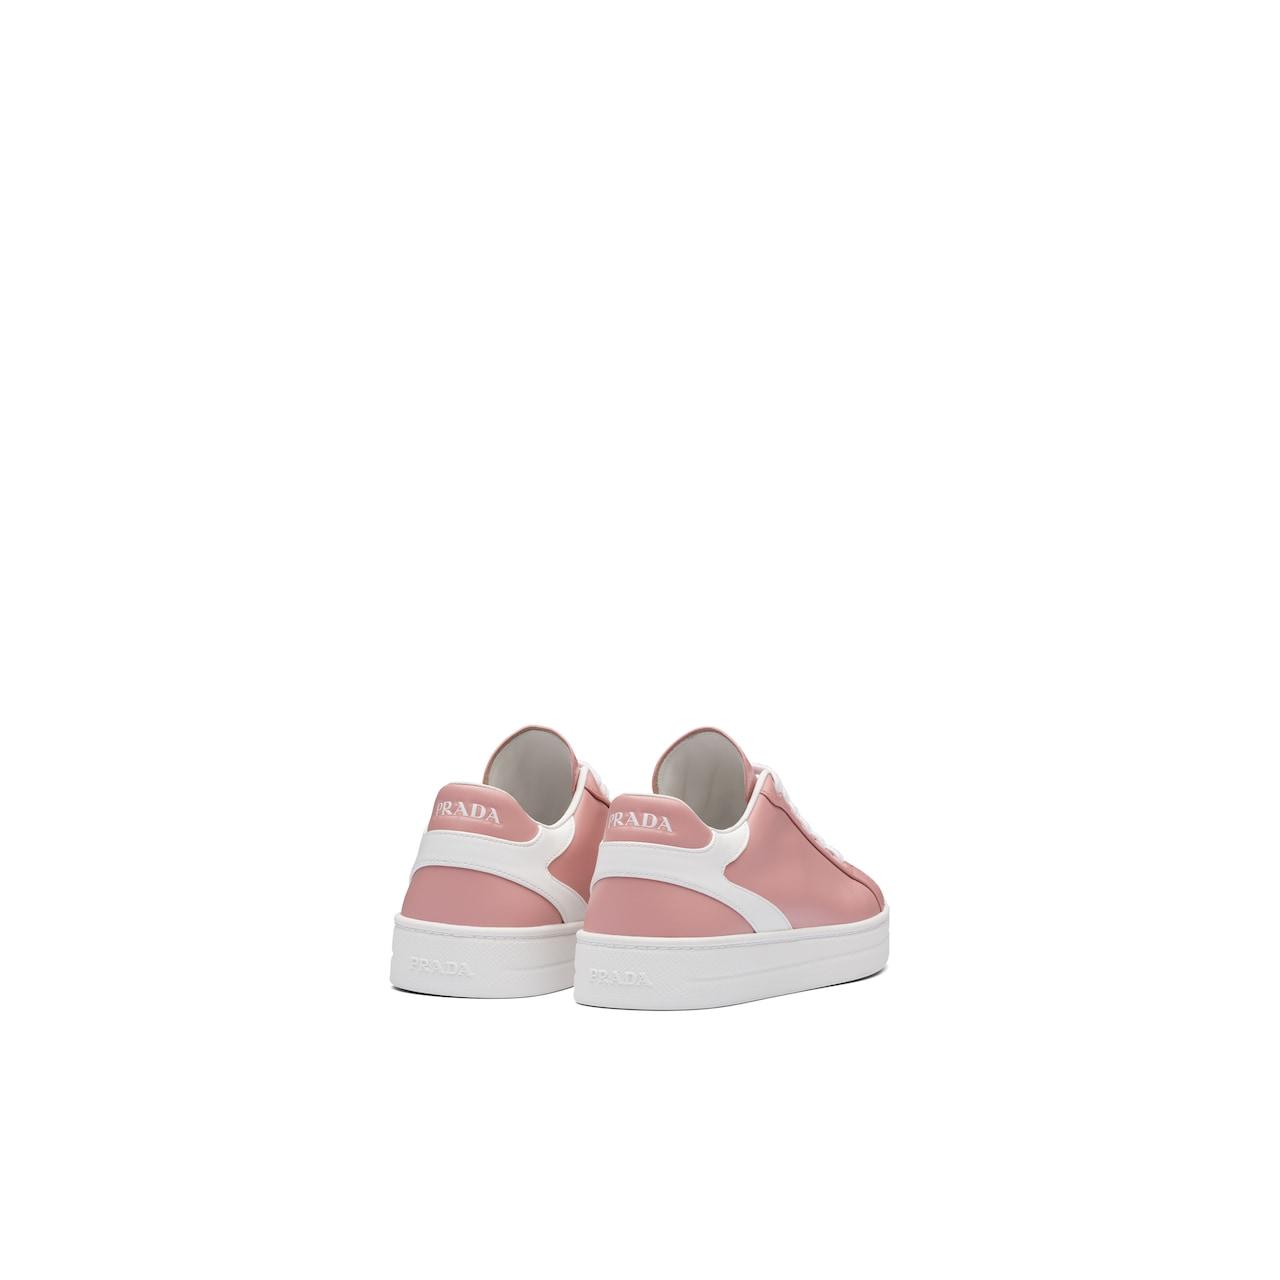 Prada 皮革运动鞋 5